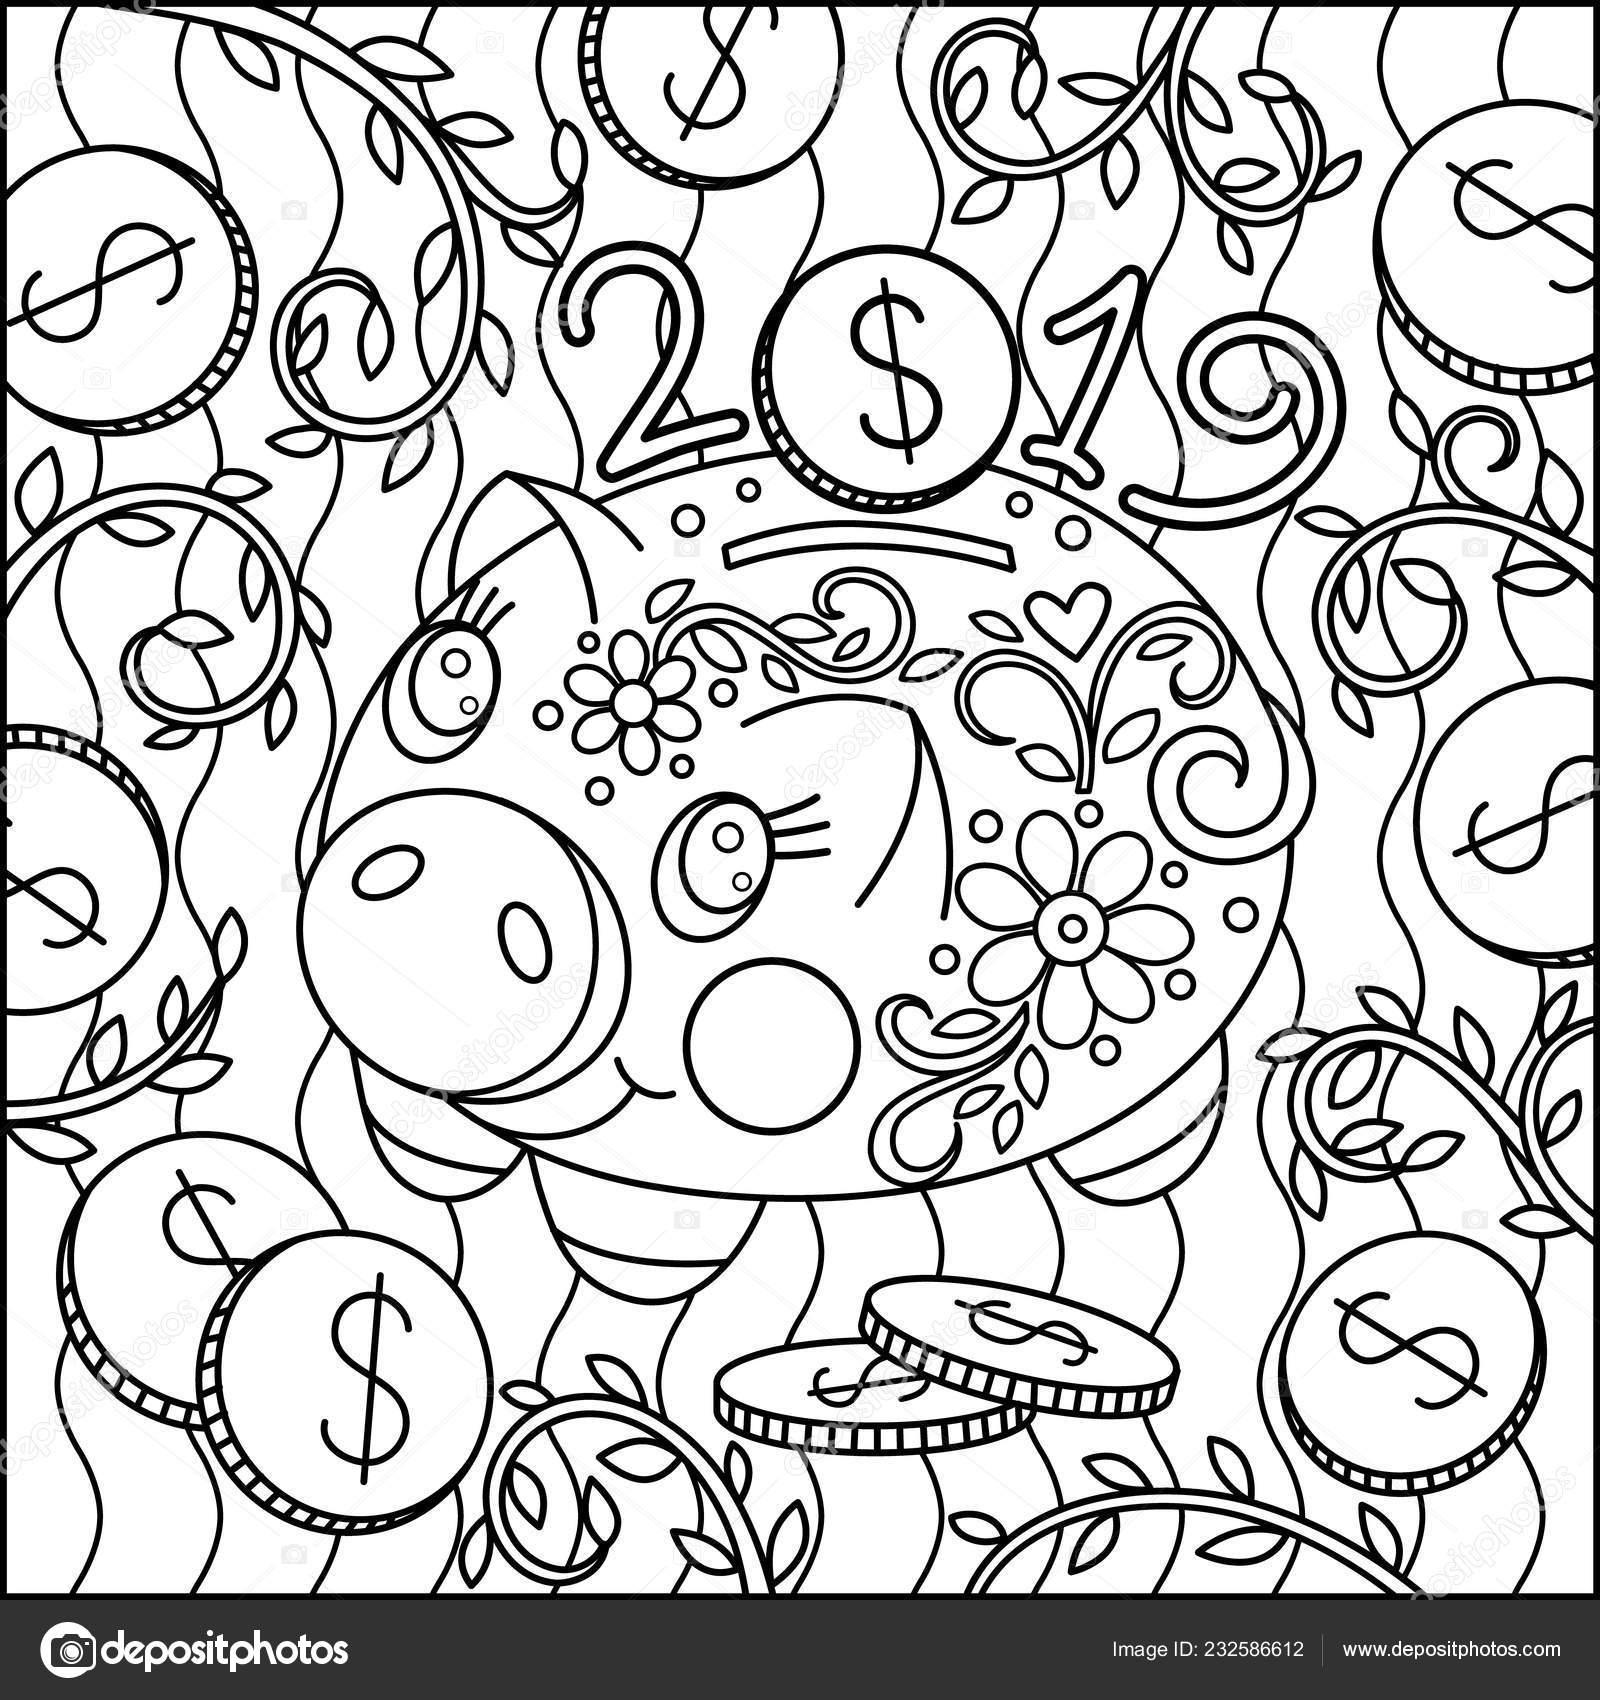 Coloriage Mignon Porc Piggy Graphique Argent Boîte Dessin